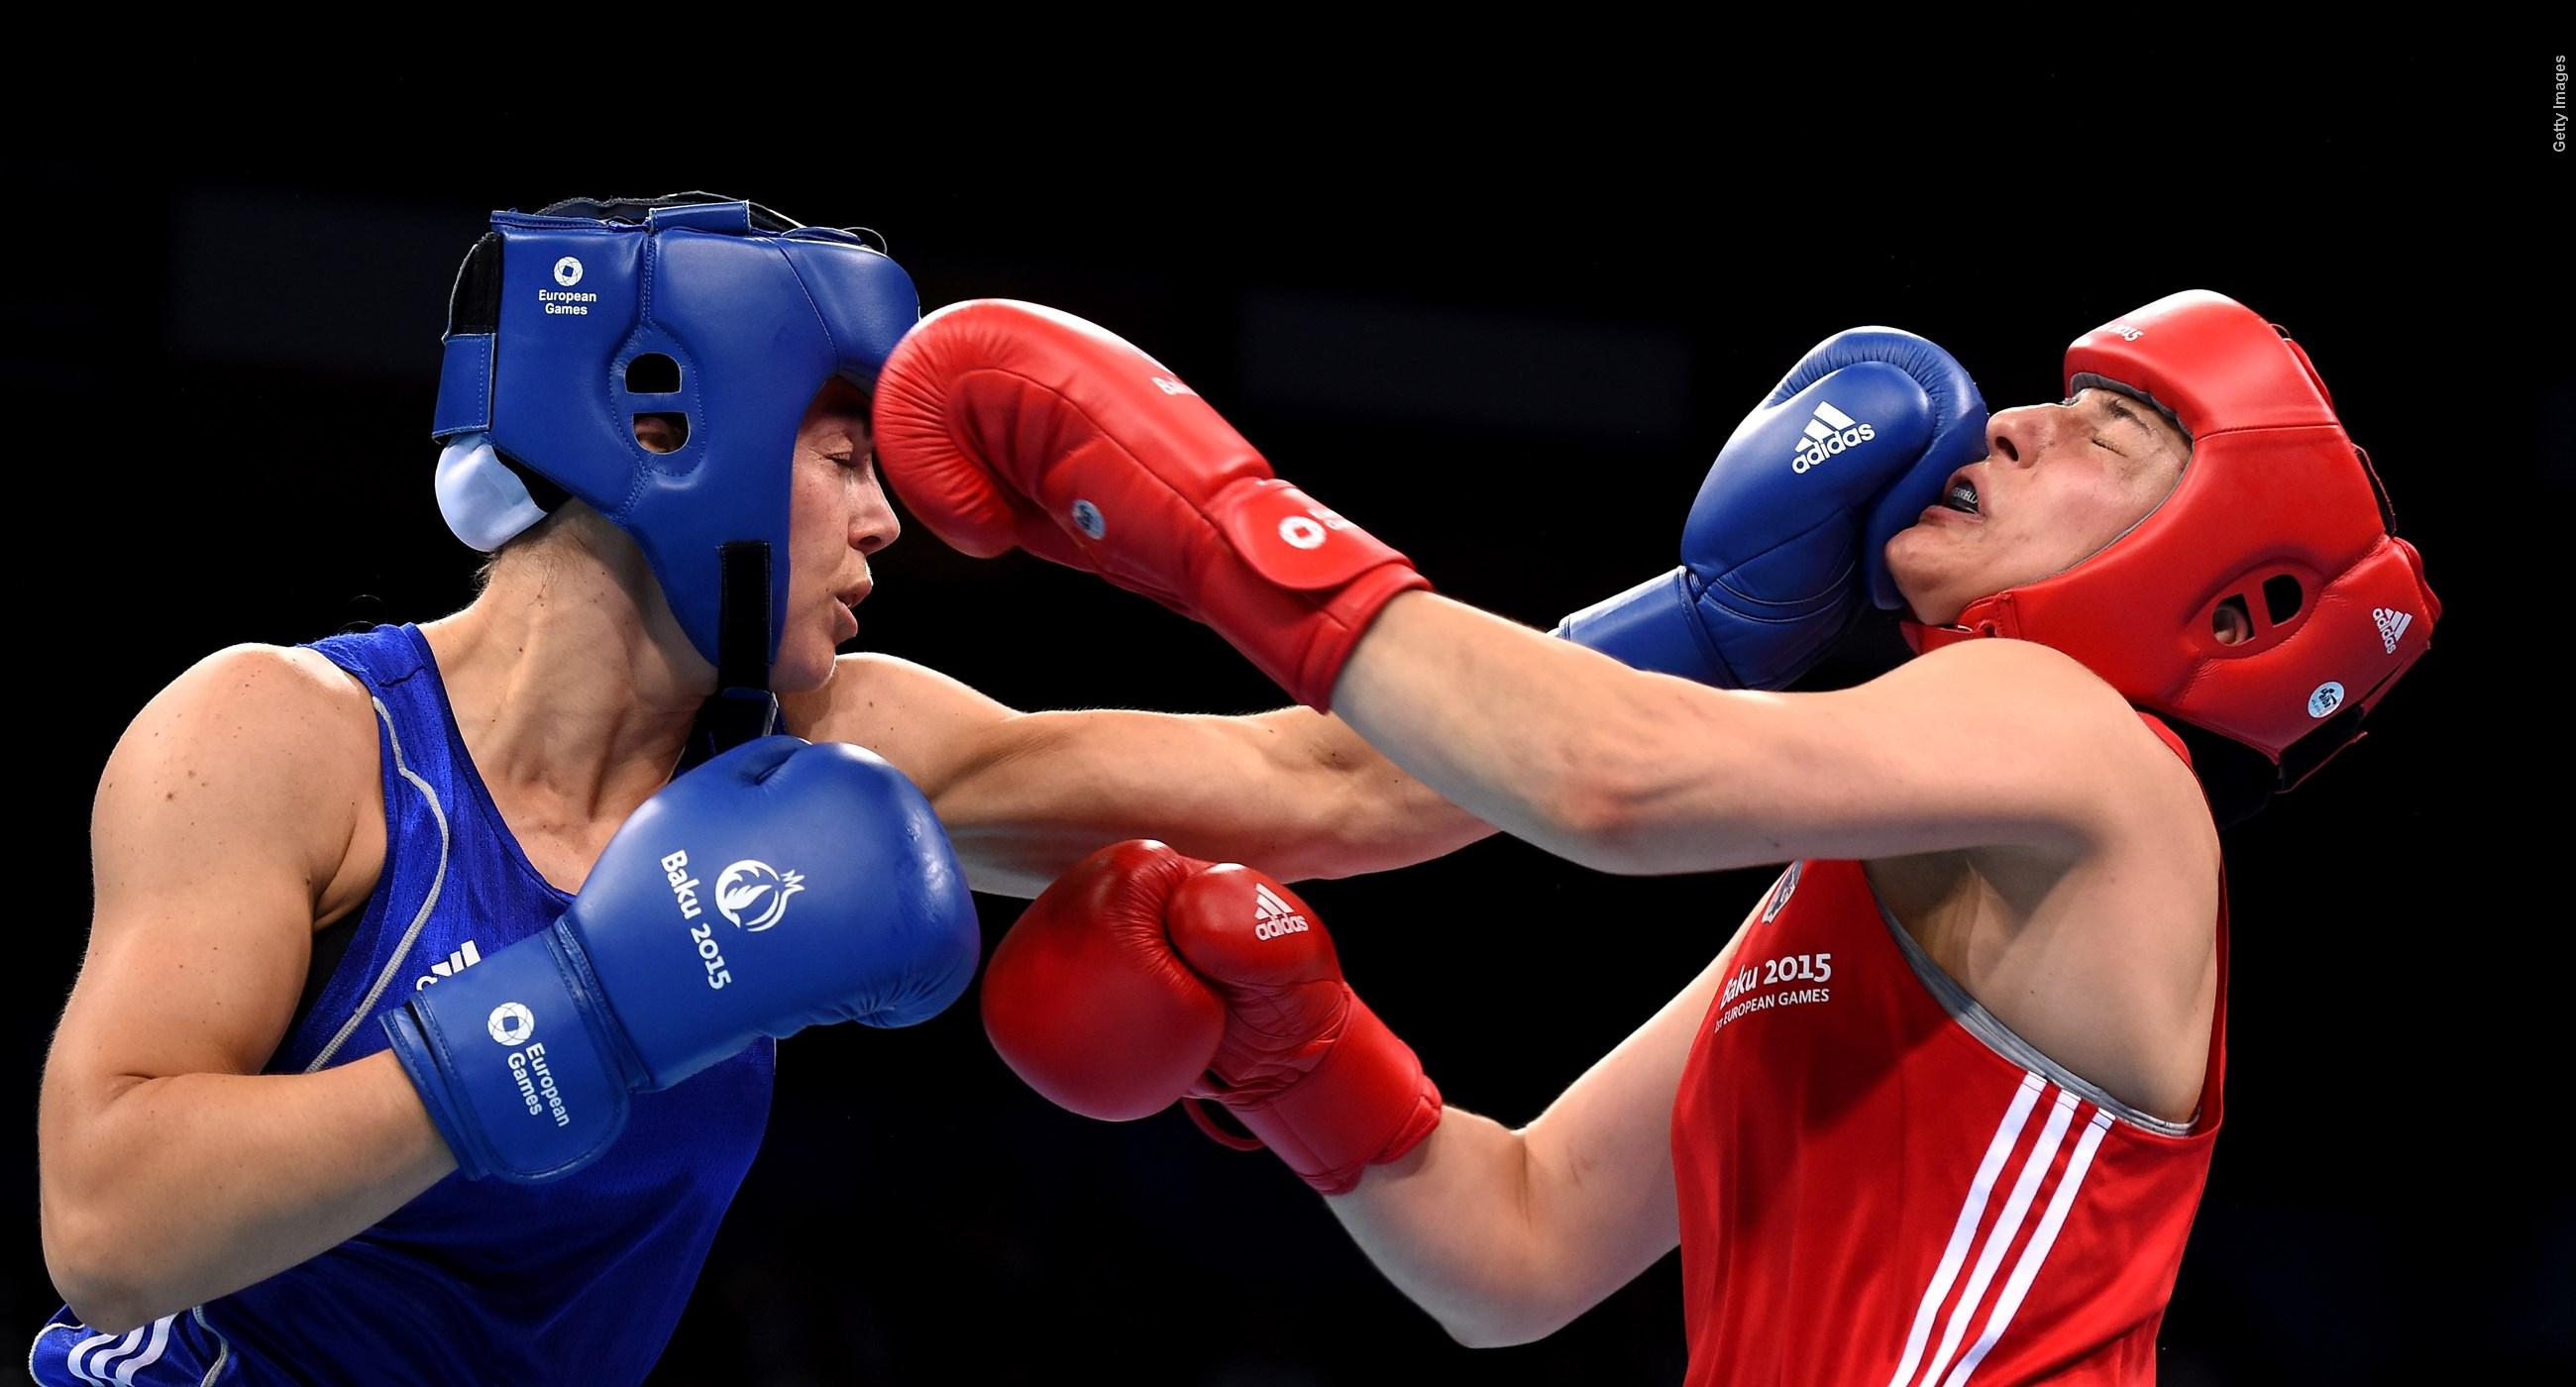 EK boksen (v), Sofia